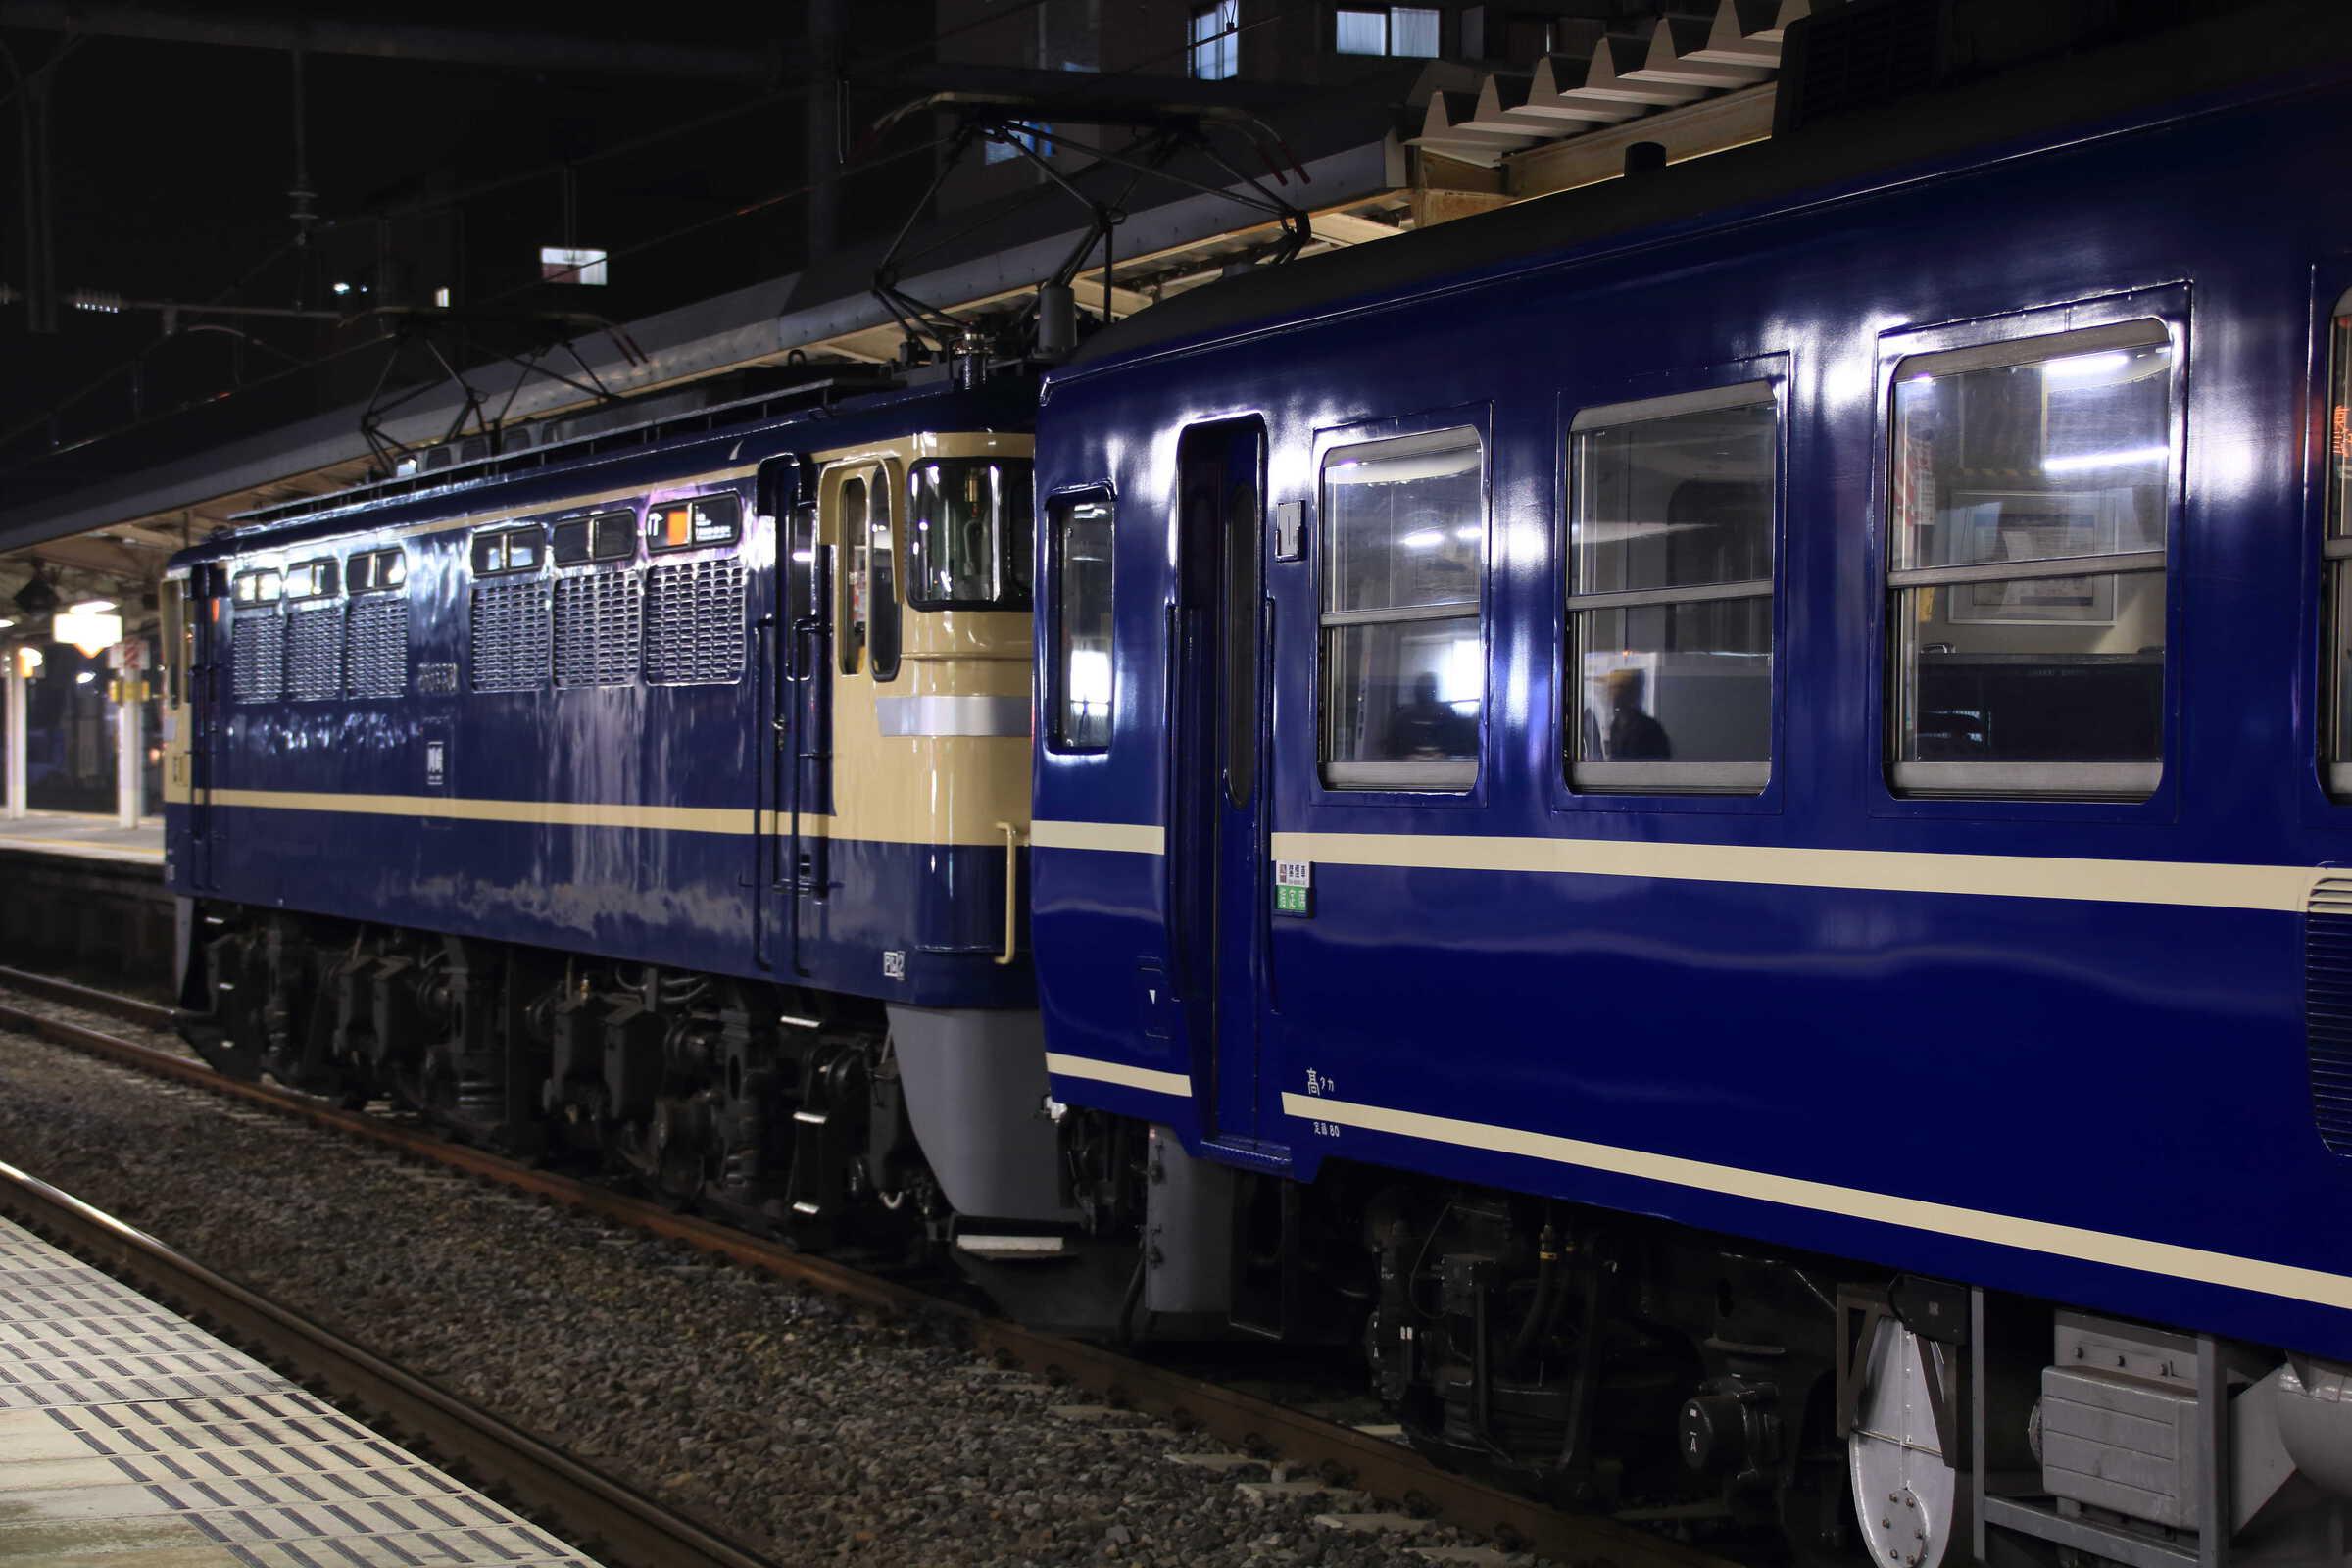 回9843列車 快速 EL&SLみなかみ 返却 EF60-19②[高]+12系 高タカ車5両+EF65-501②[高]